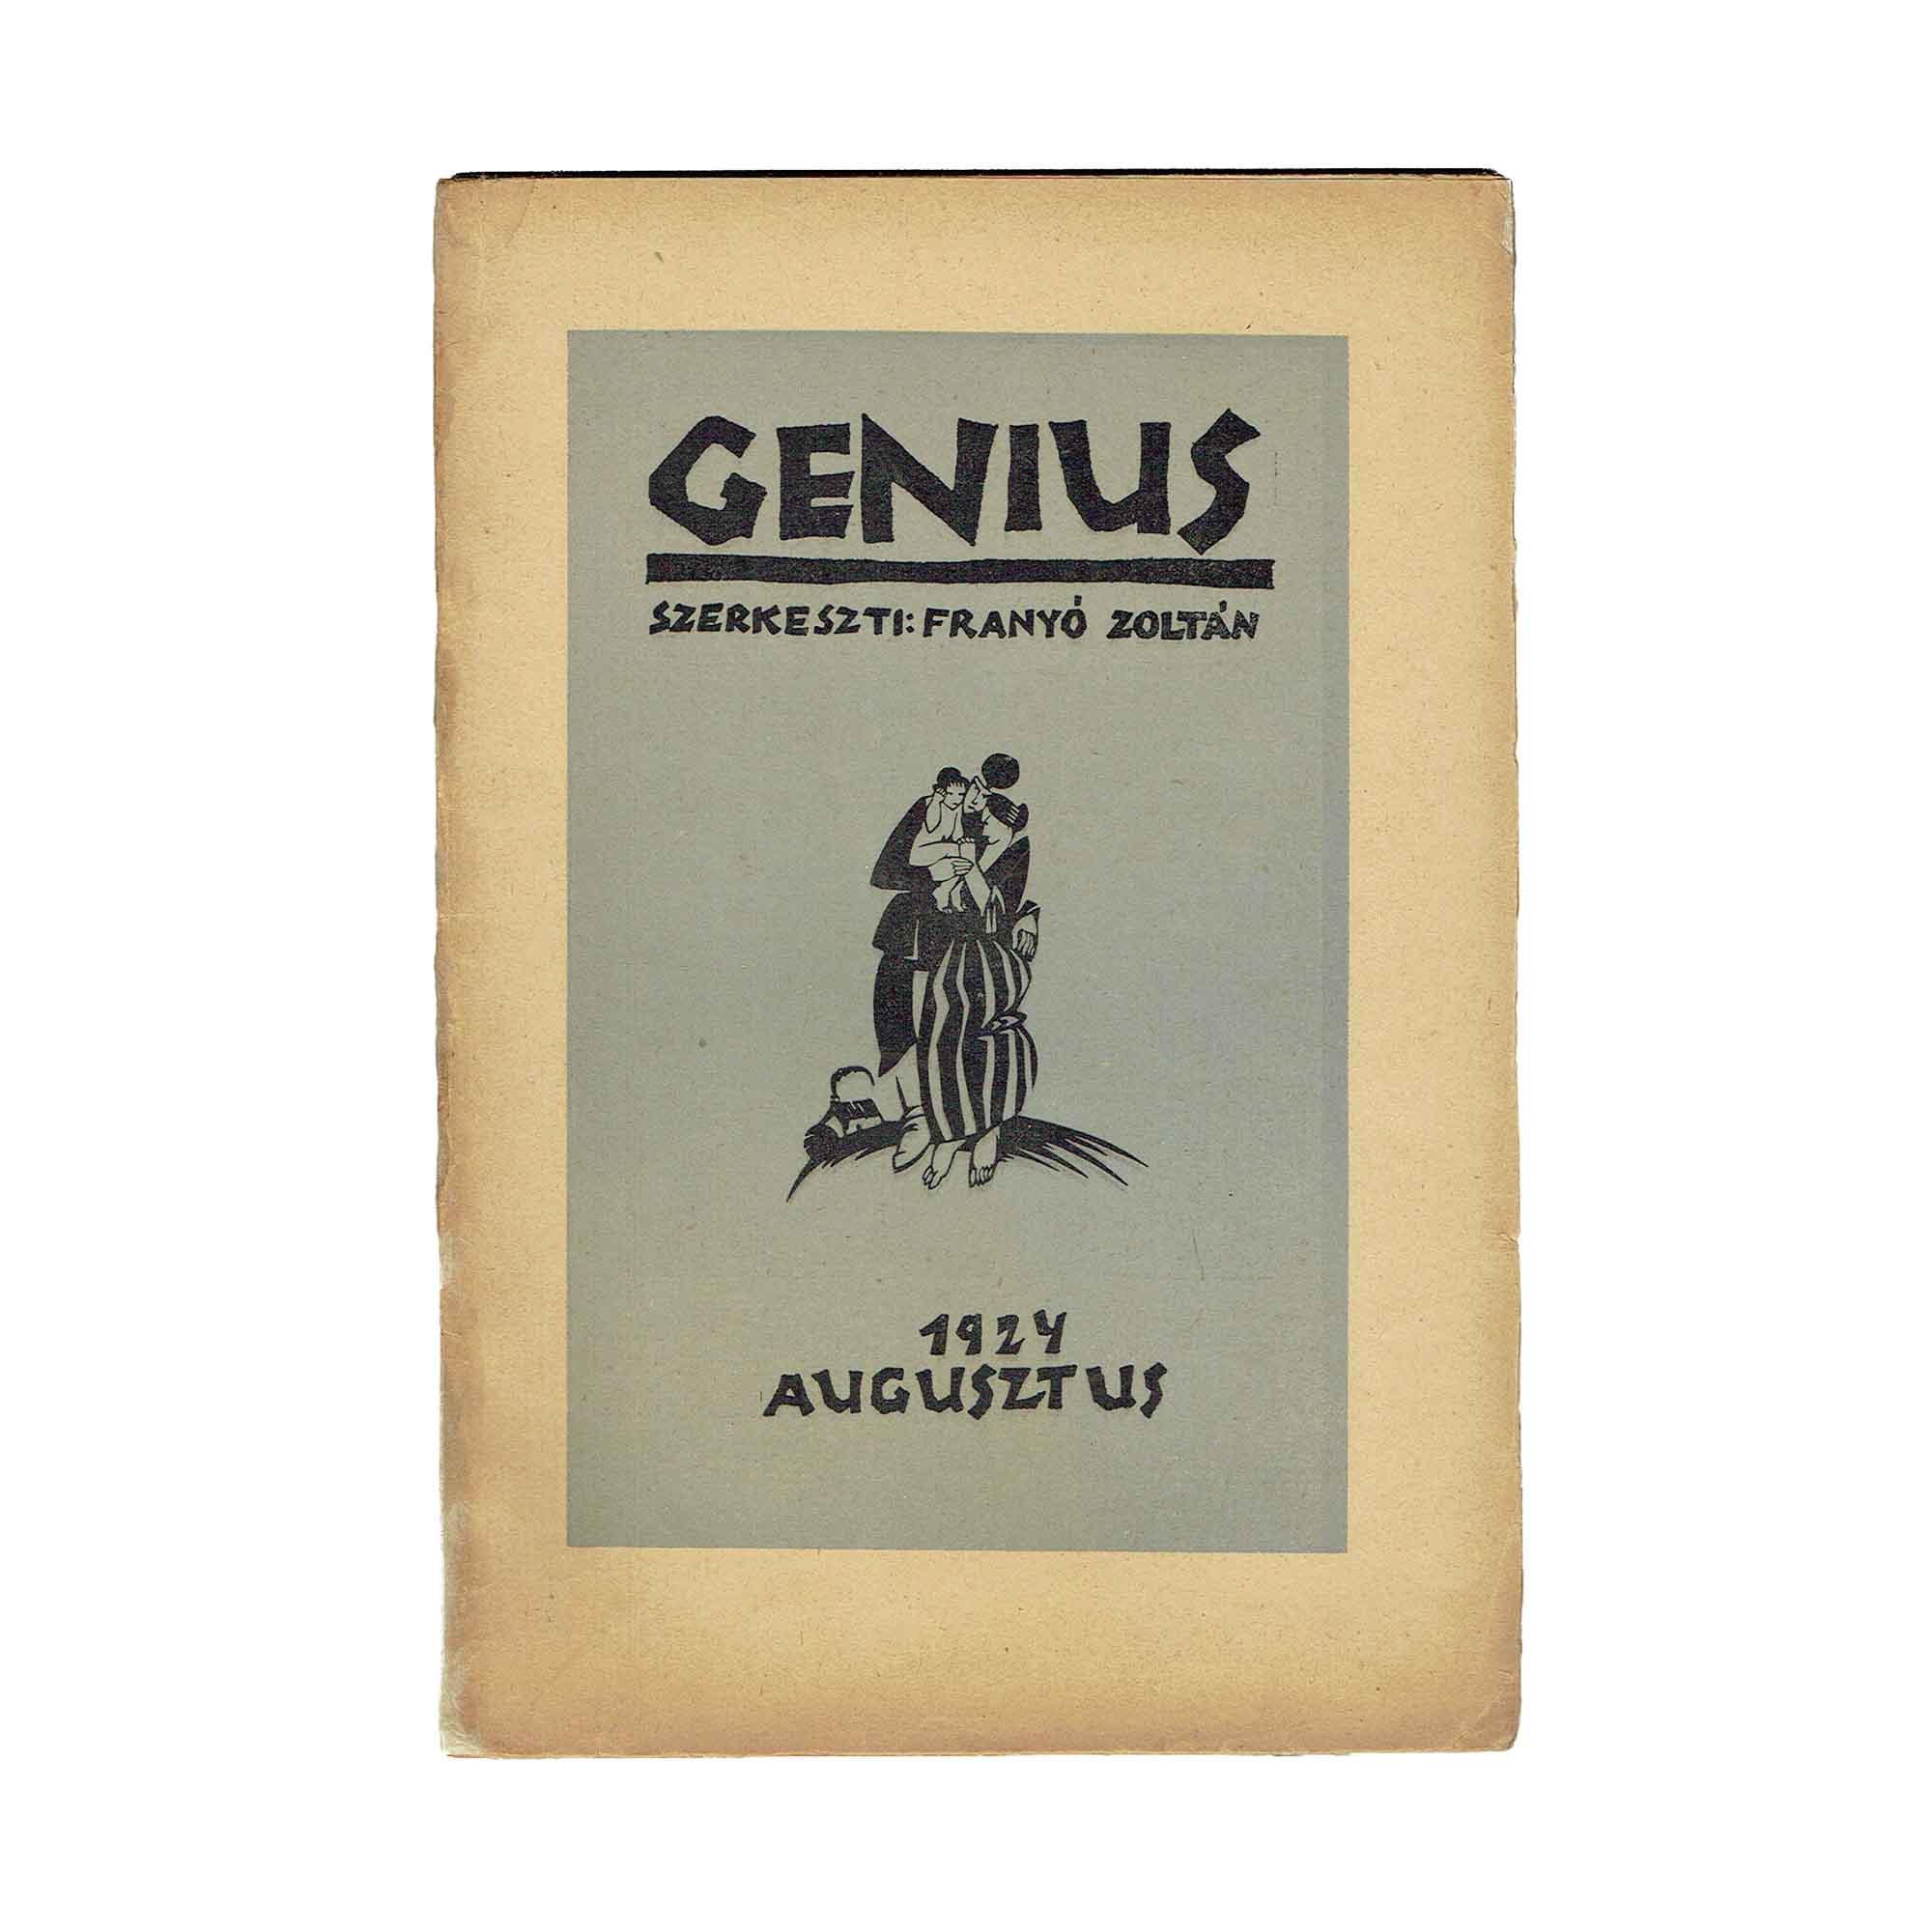 5337-Genius-8-1924-frei-N.jpg